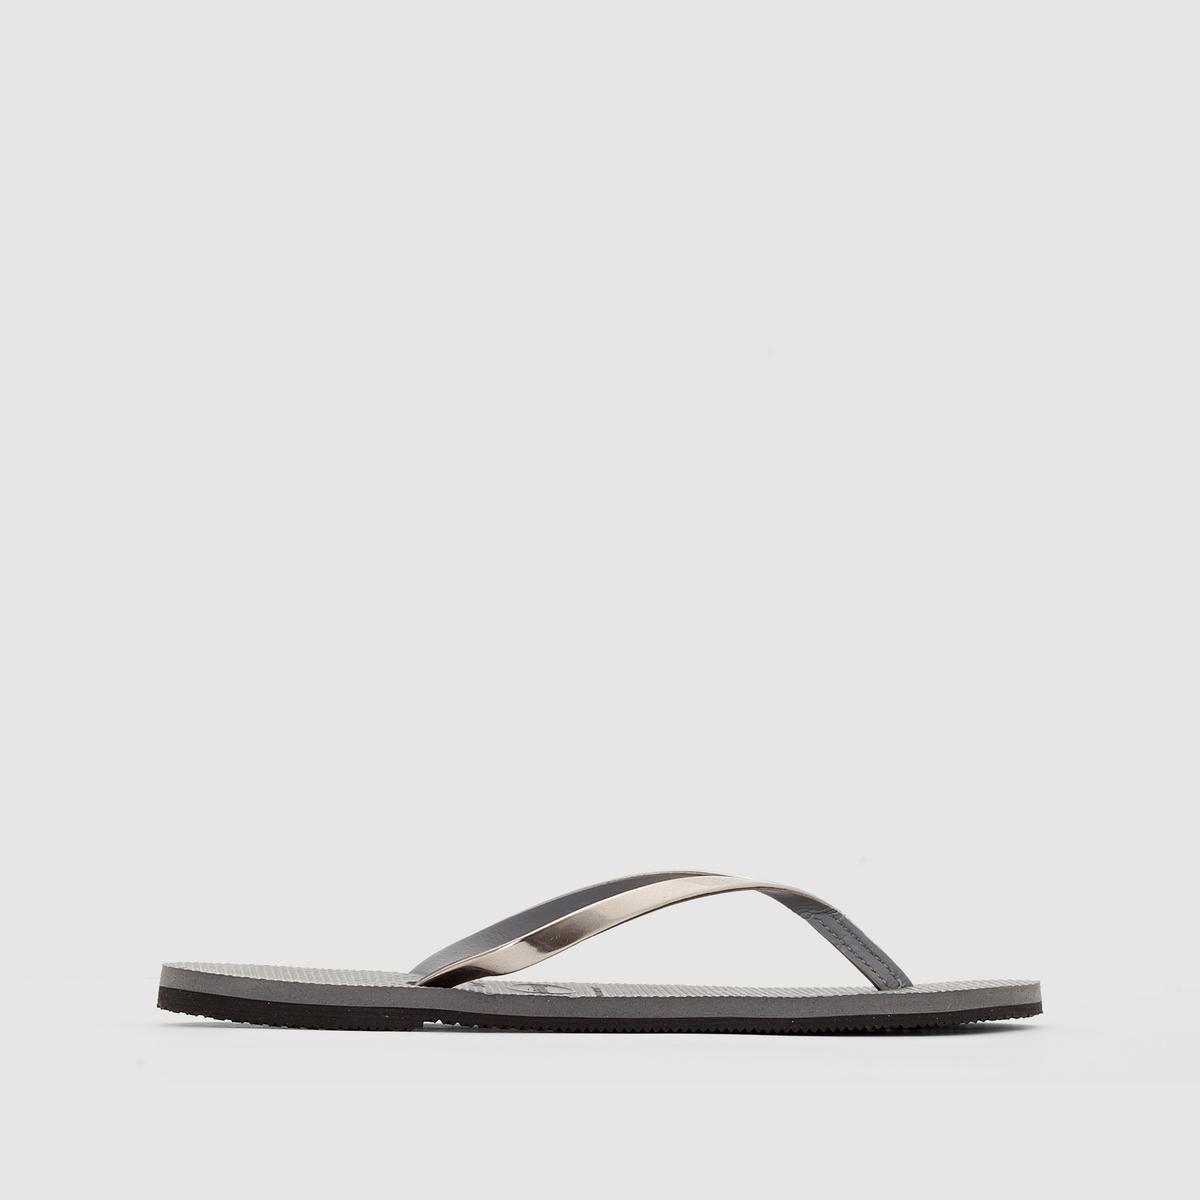 Вьетнамки Steel GreyПреимущества : Вьетнамки HAVAINAS в цвете серый металлик прекрасно впишутся в Ваш летний гардероб.<br><br>Цвет: серый